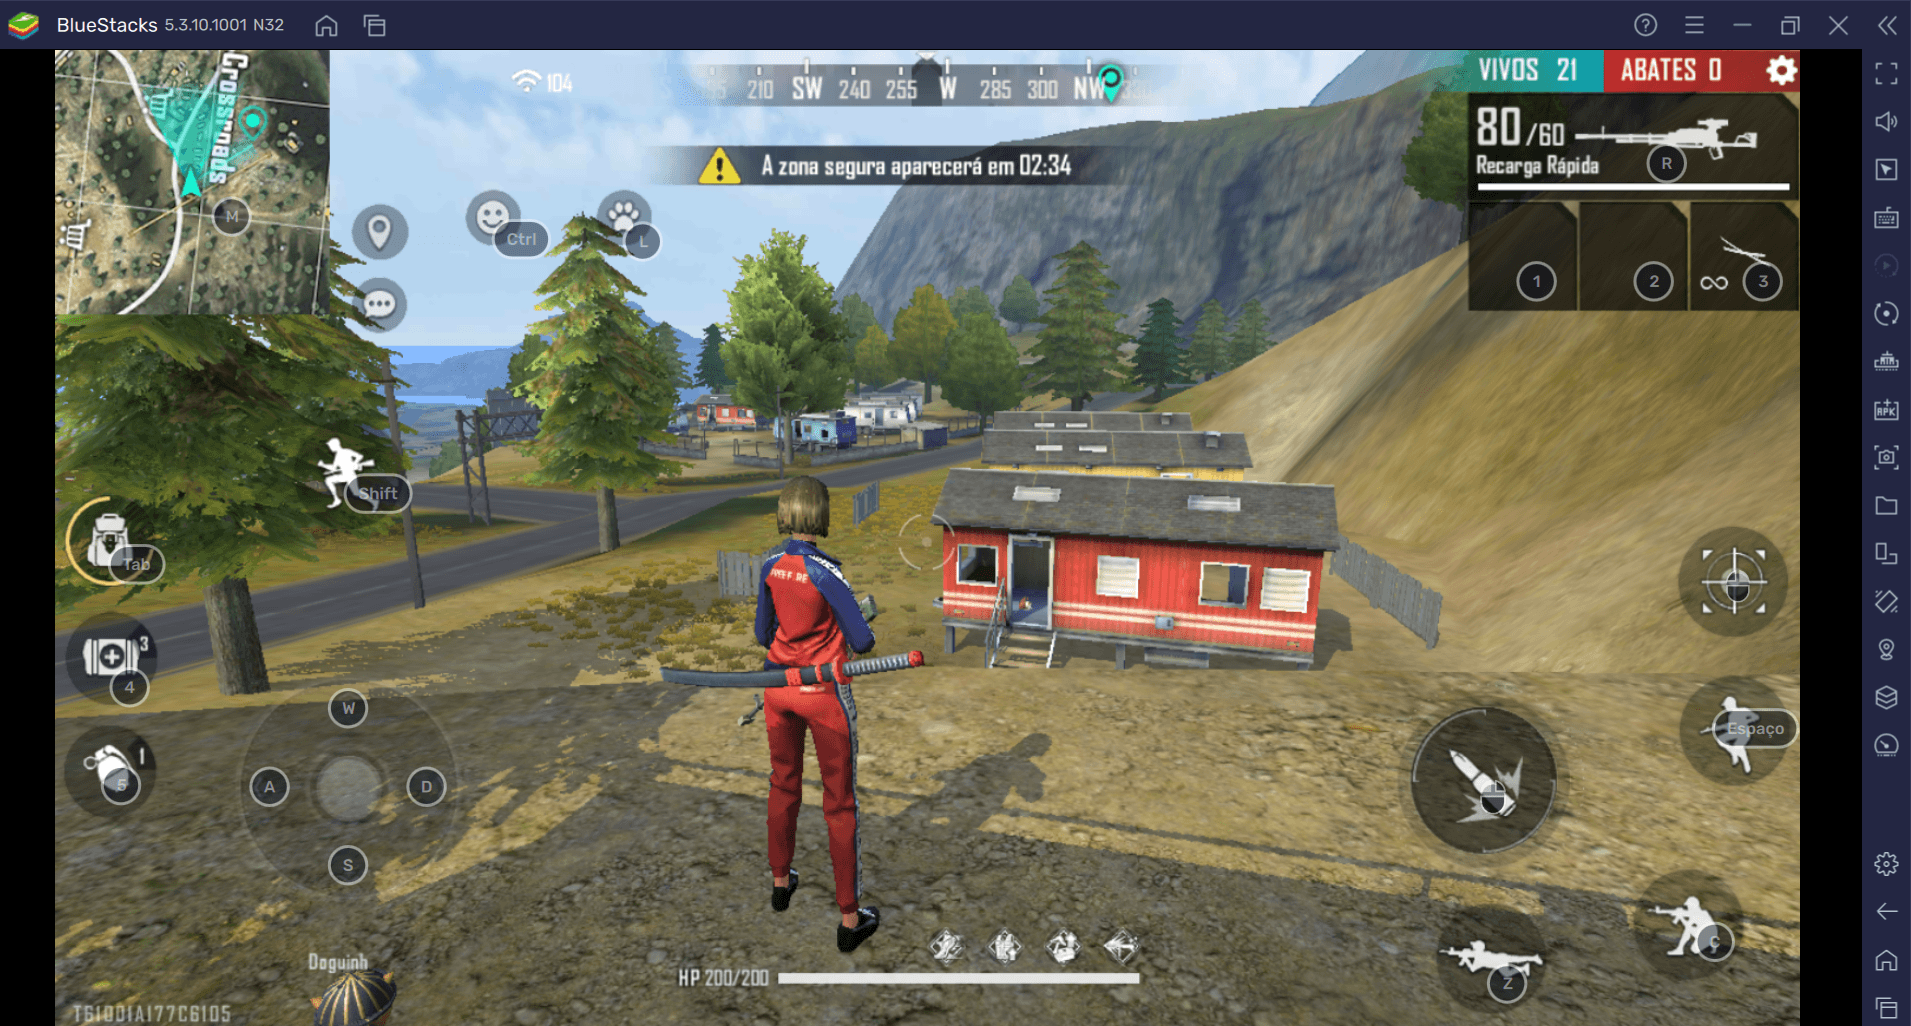 Saiba onde pousar no mapa Purgatório em Garena Free Fire de acordo com seu estilo de jogo